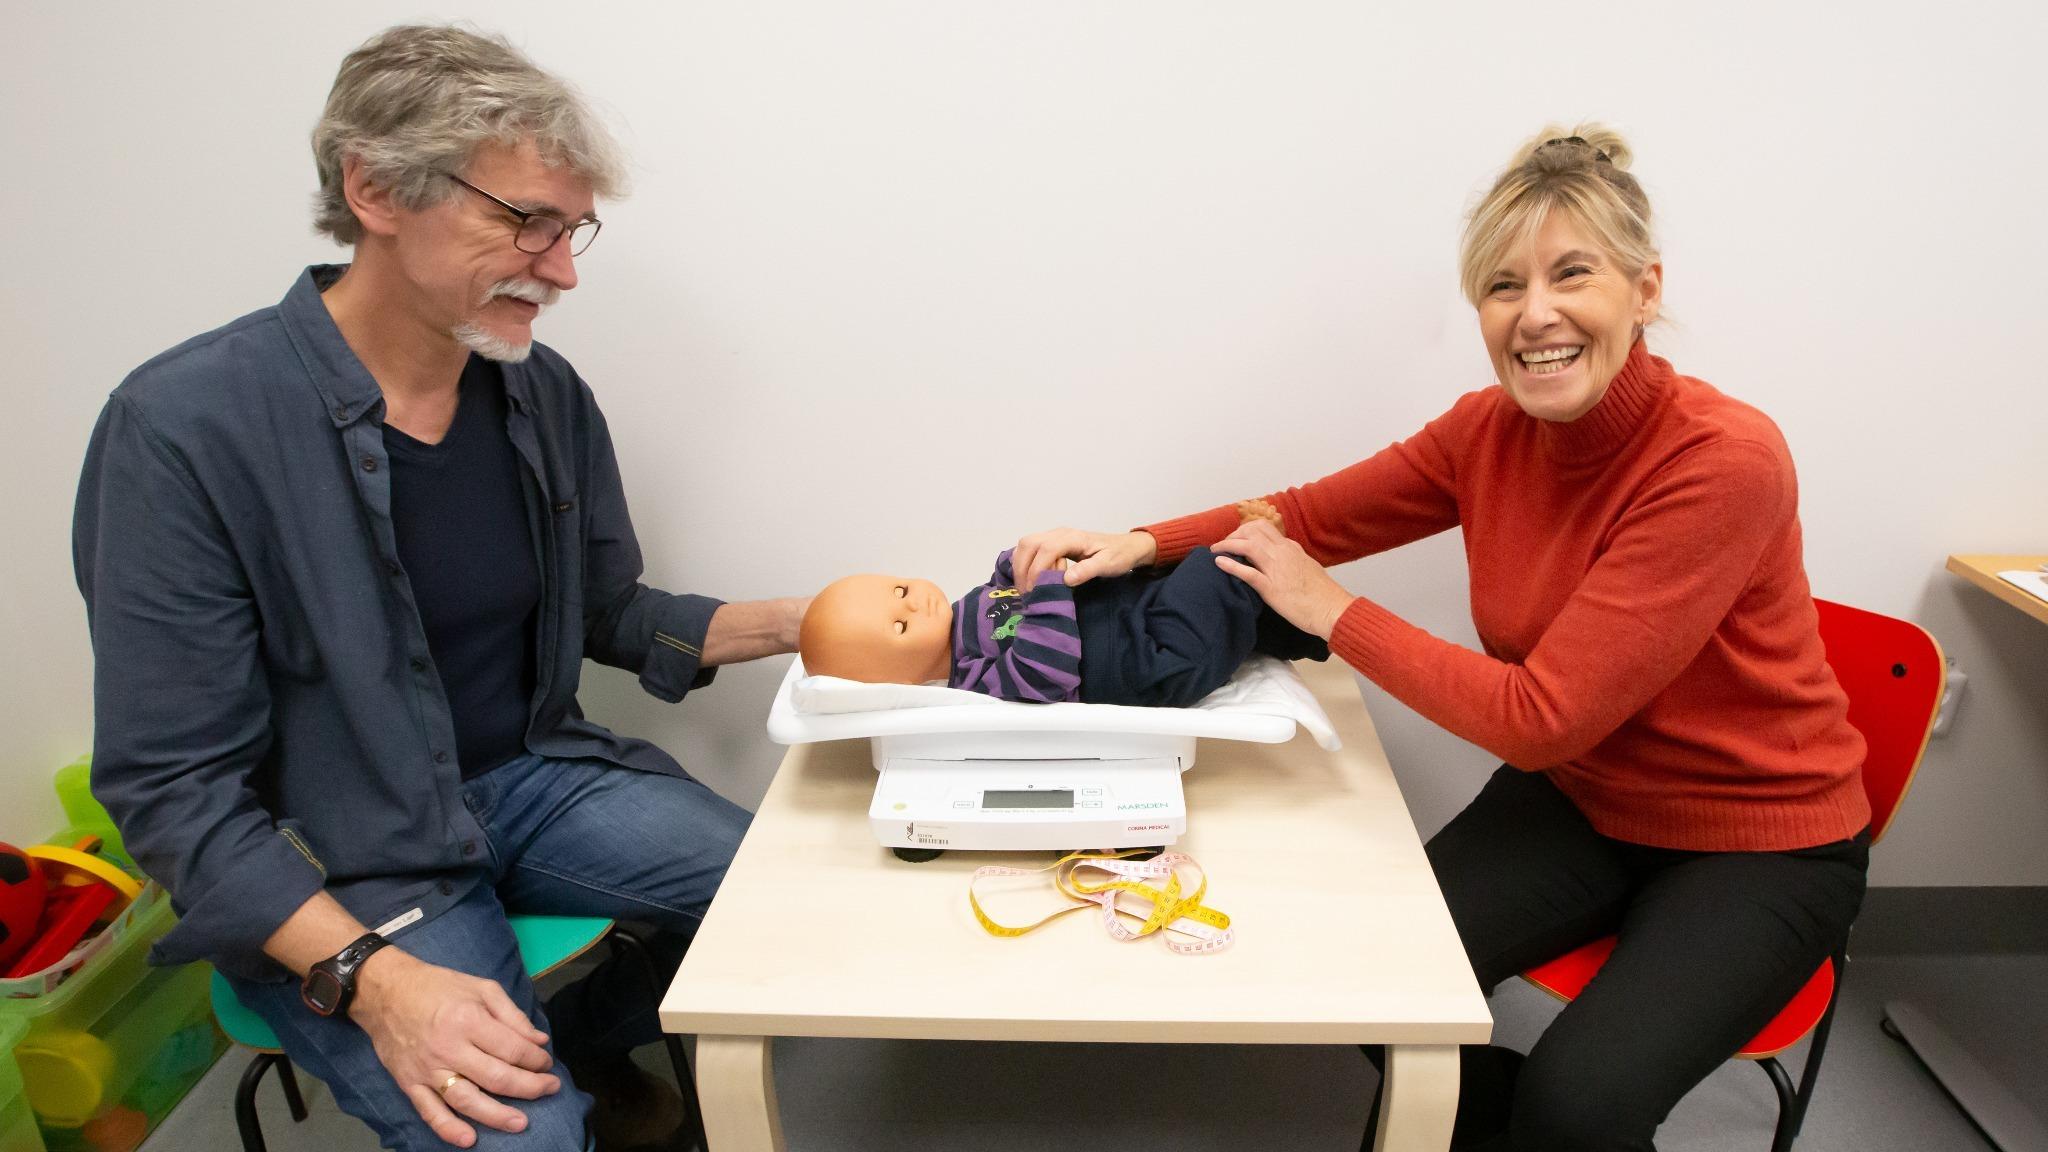 Personer som sitter vid ett skrivbord med en våg för att mäta en bebis på.